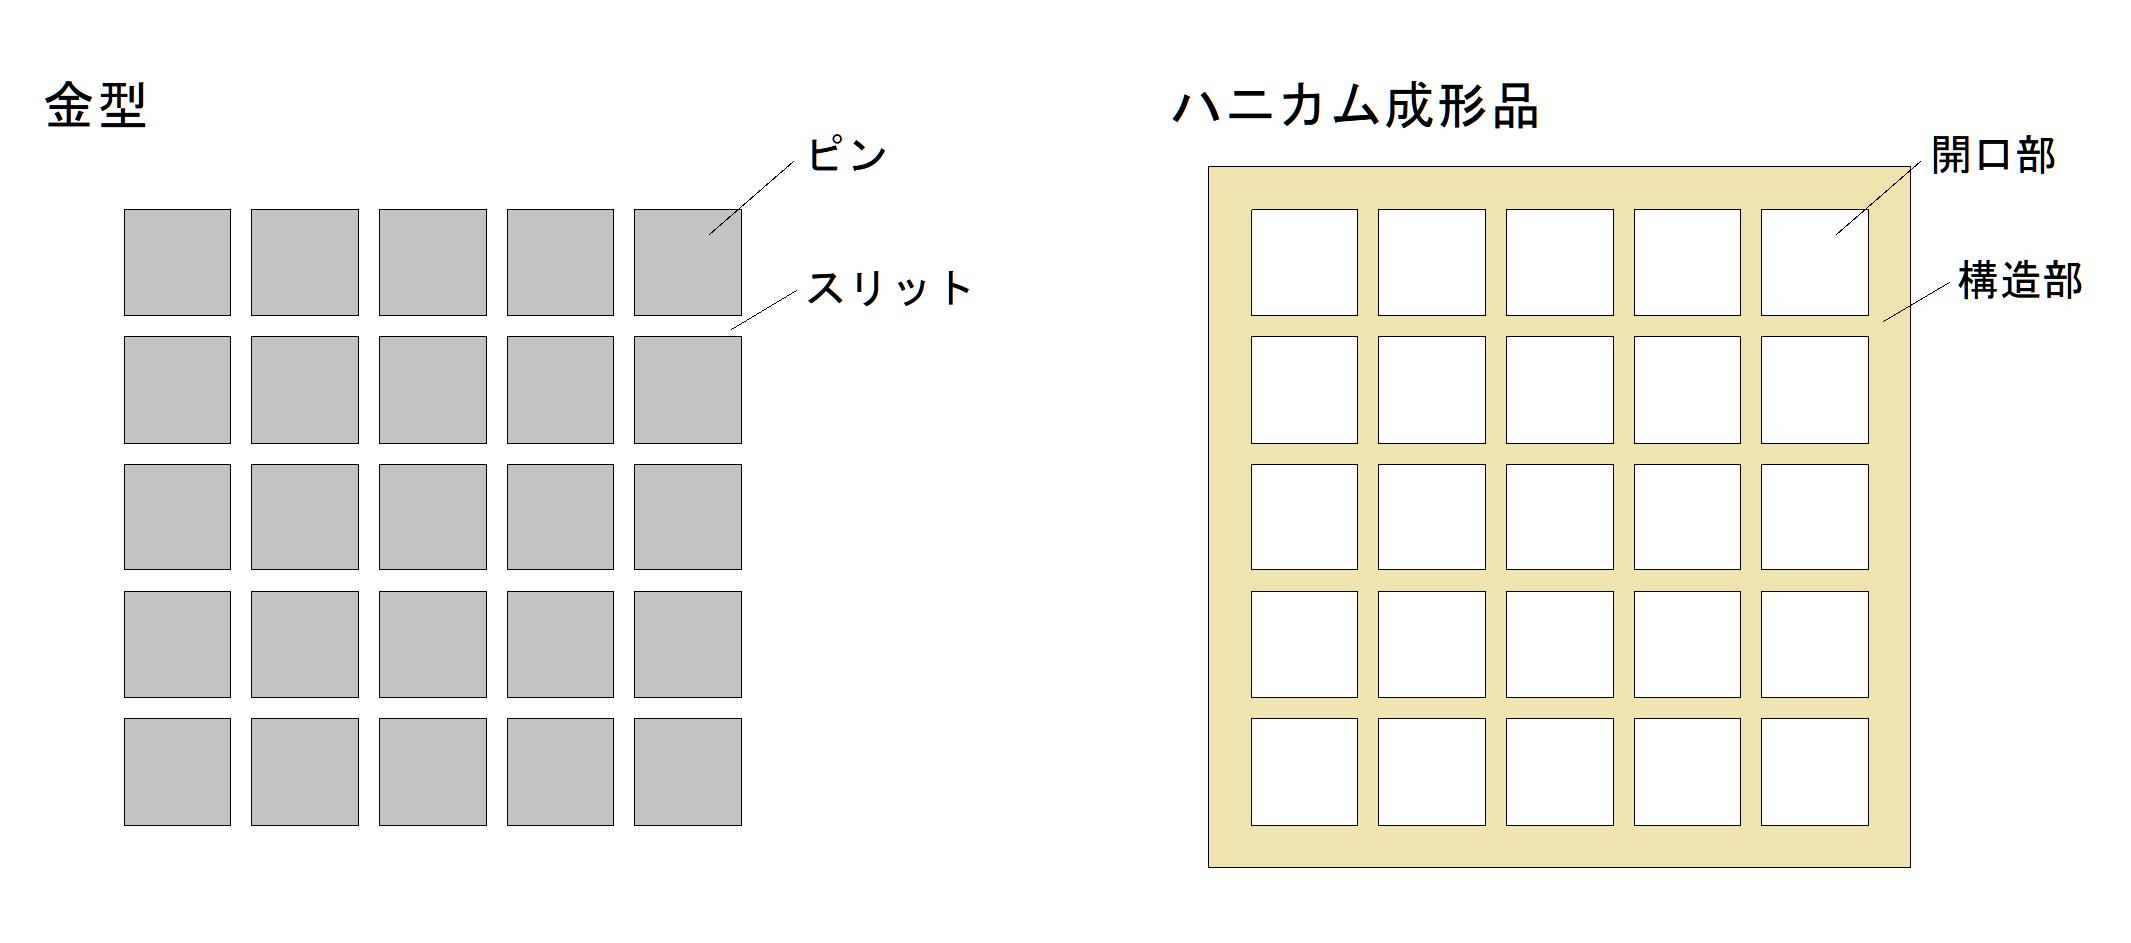 金型とハニカム成形品の構造イメージ